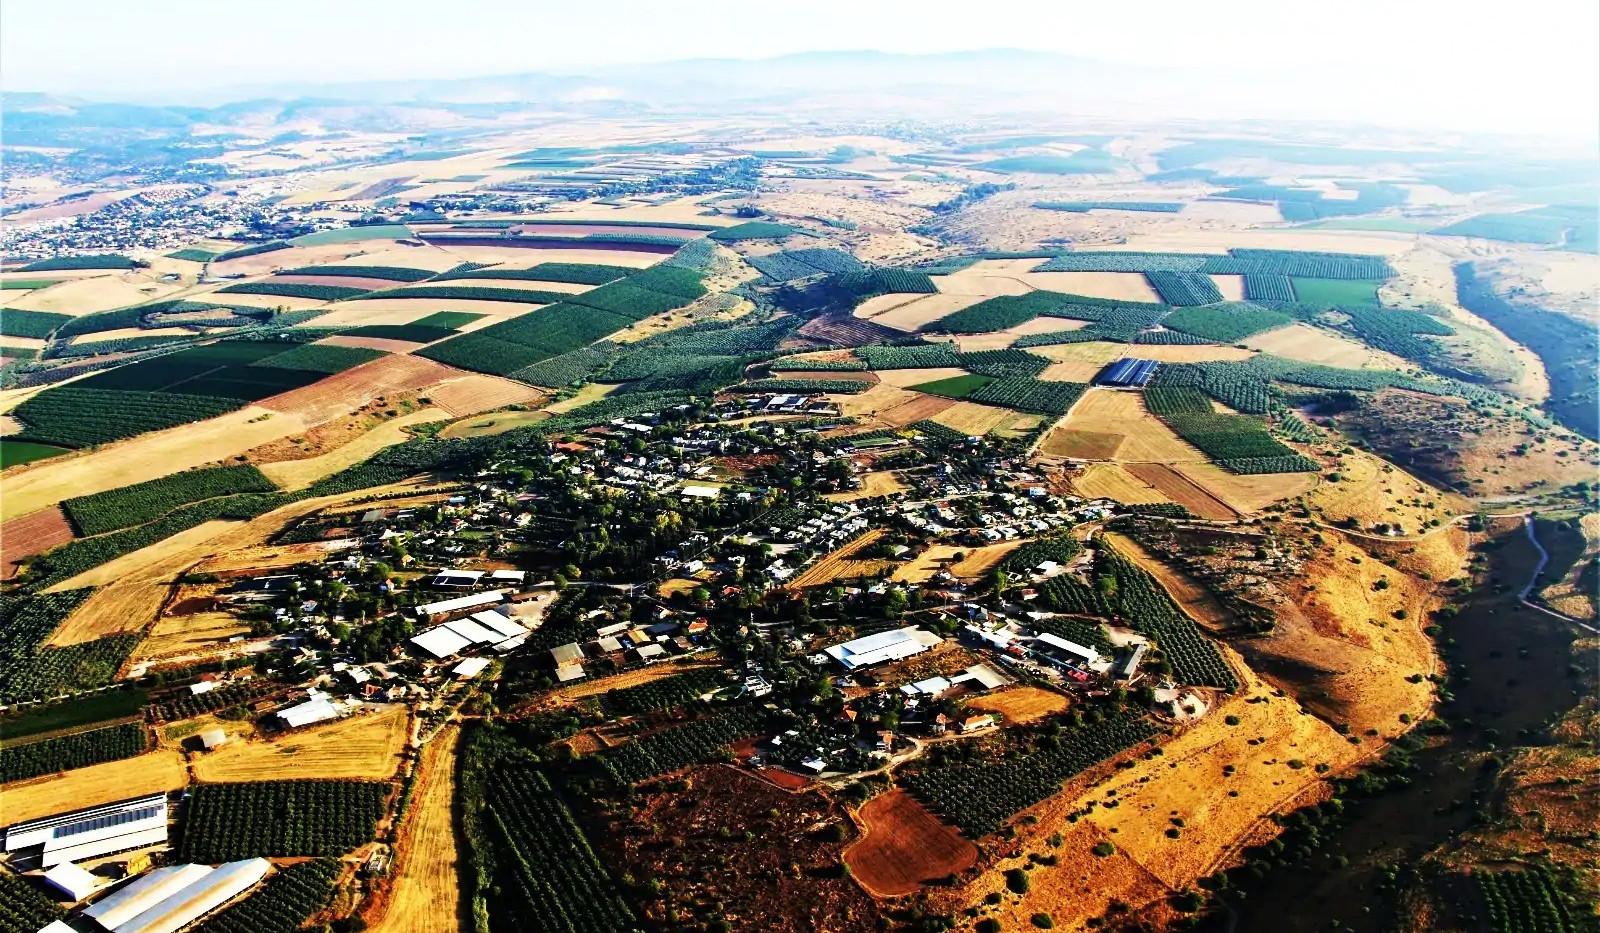 כפר קיש ממעוף הציפור. Kfar Kisch from above